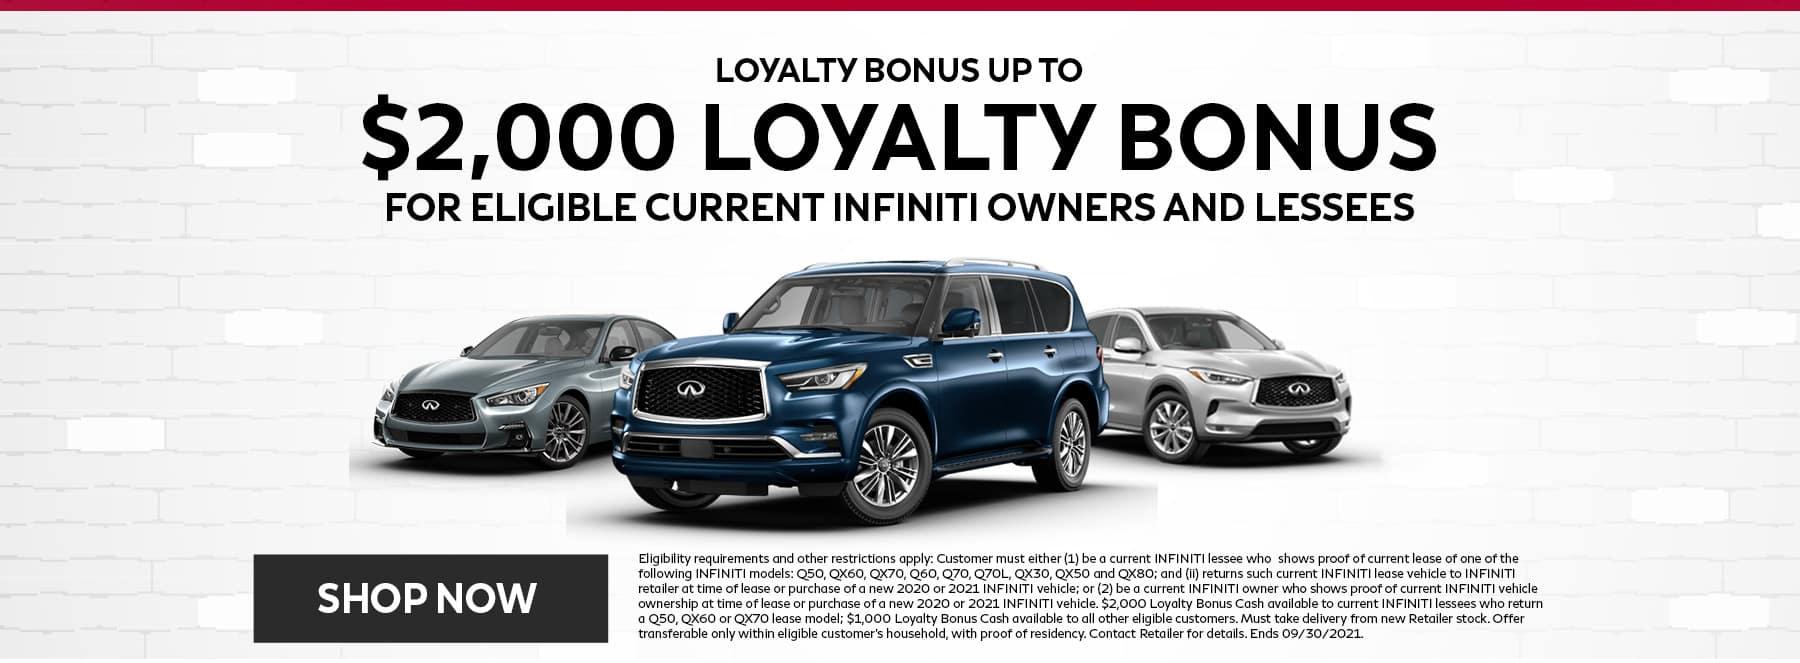 Loyalty Bonus September Offer